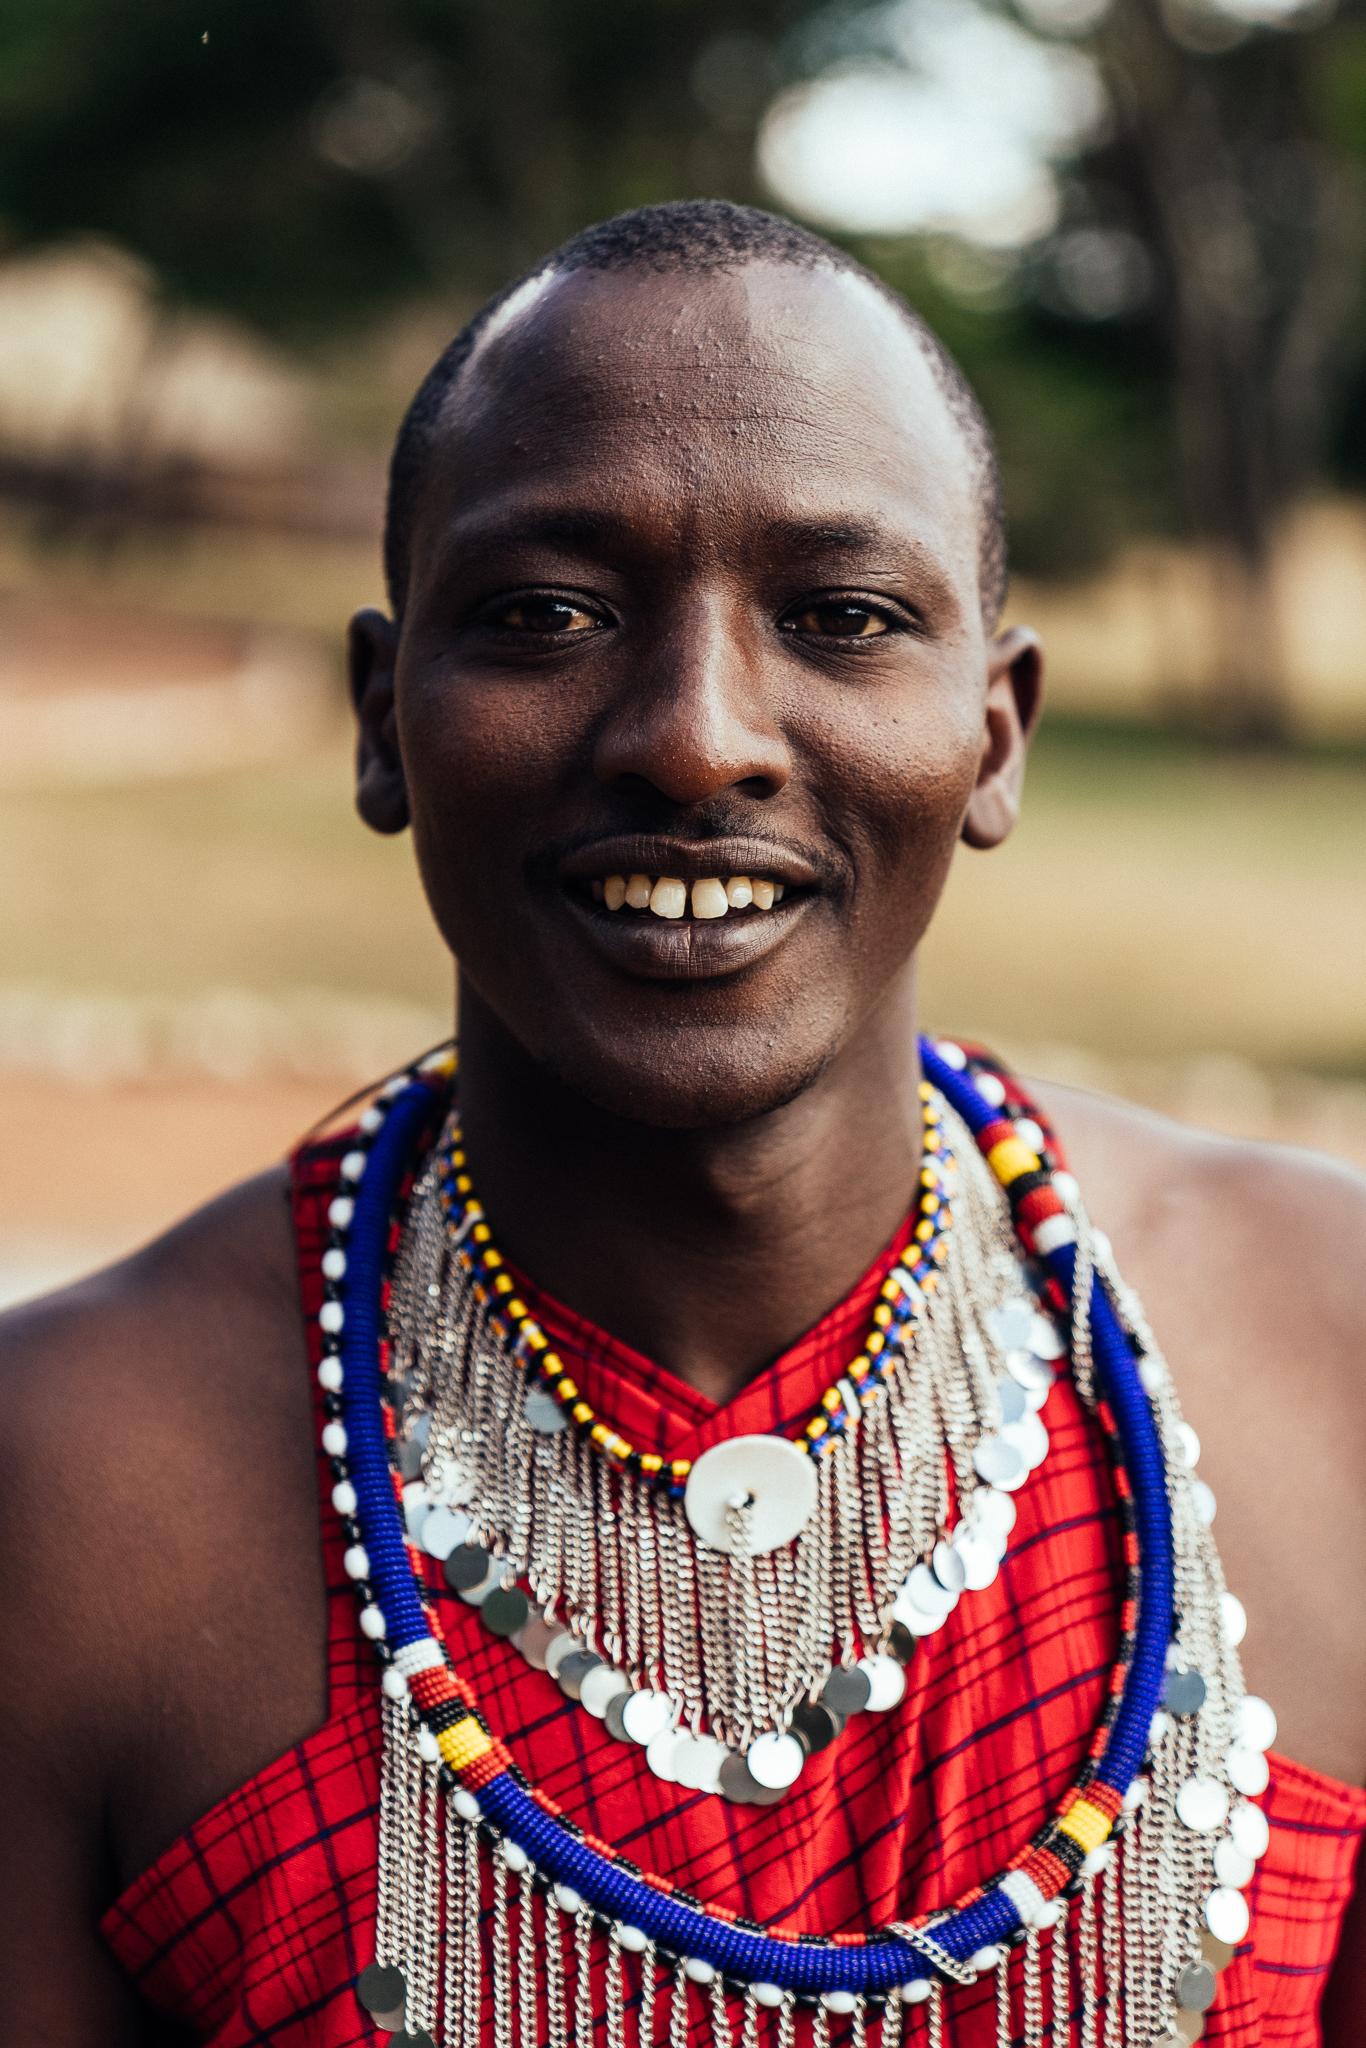 Maco - Maasai Guide at Cottars 1920s Ph Dave Krugman